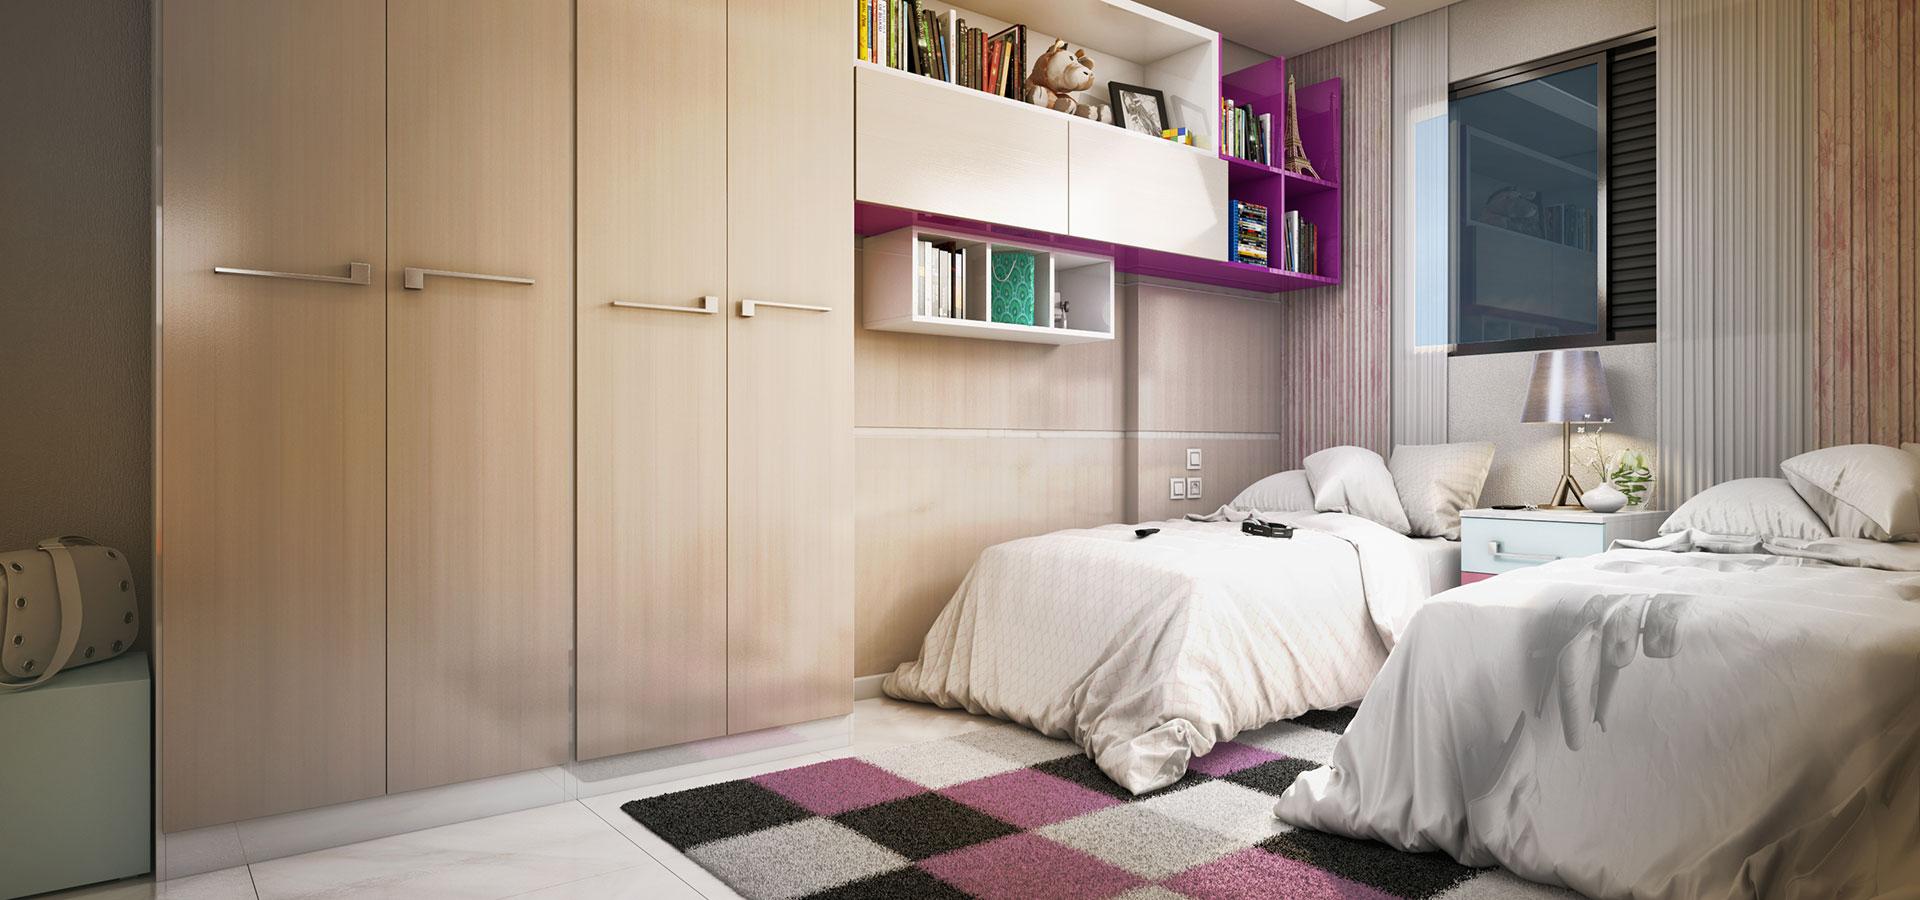 Uniq_dormitorio_Alta-edit